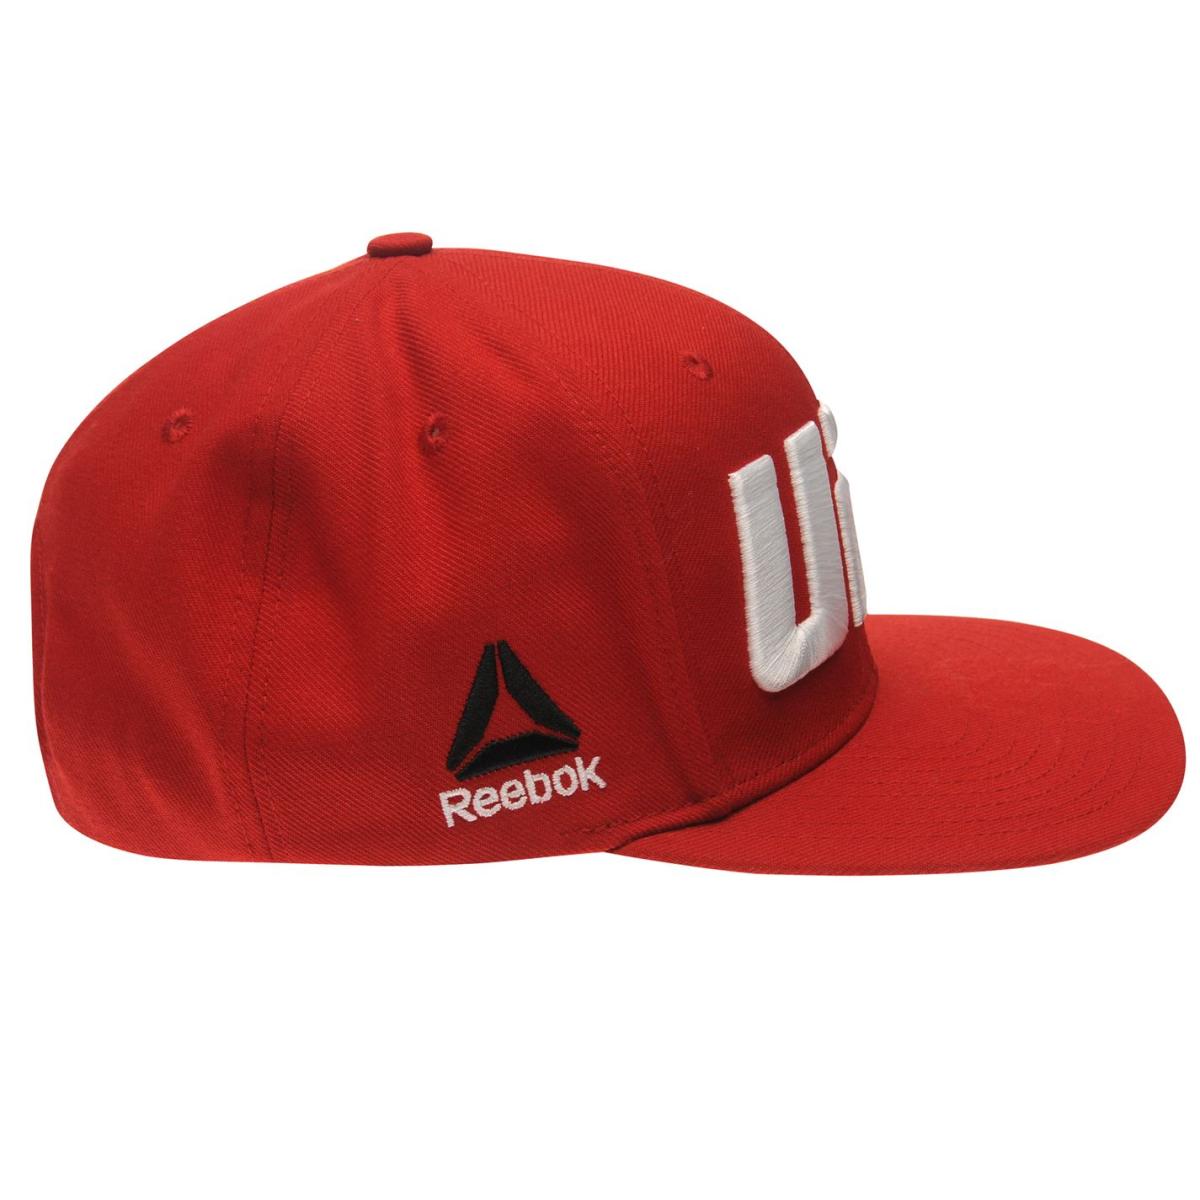 Reebok UFC Kappe Herren Baseballkappe Hut Cap Basecap 0067